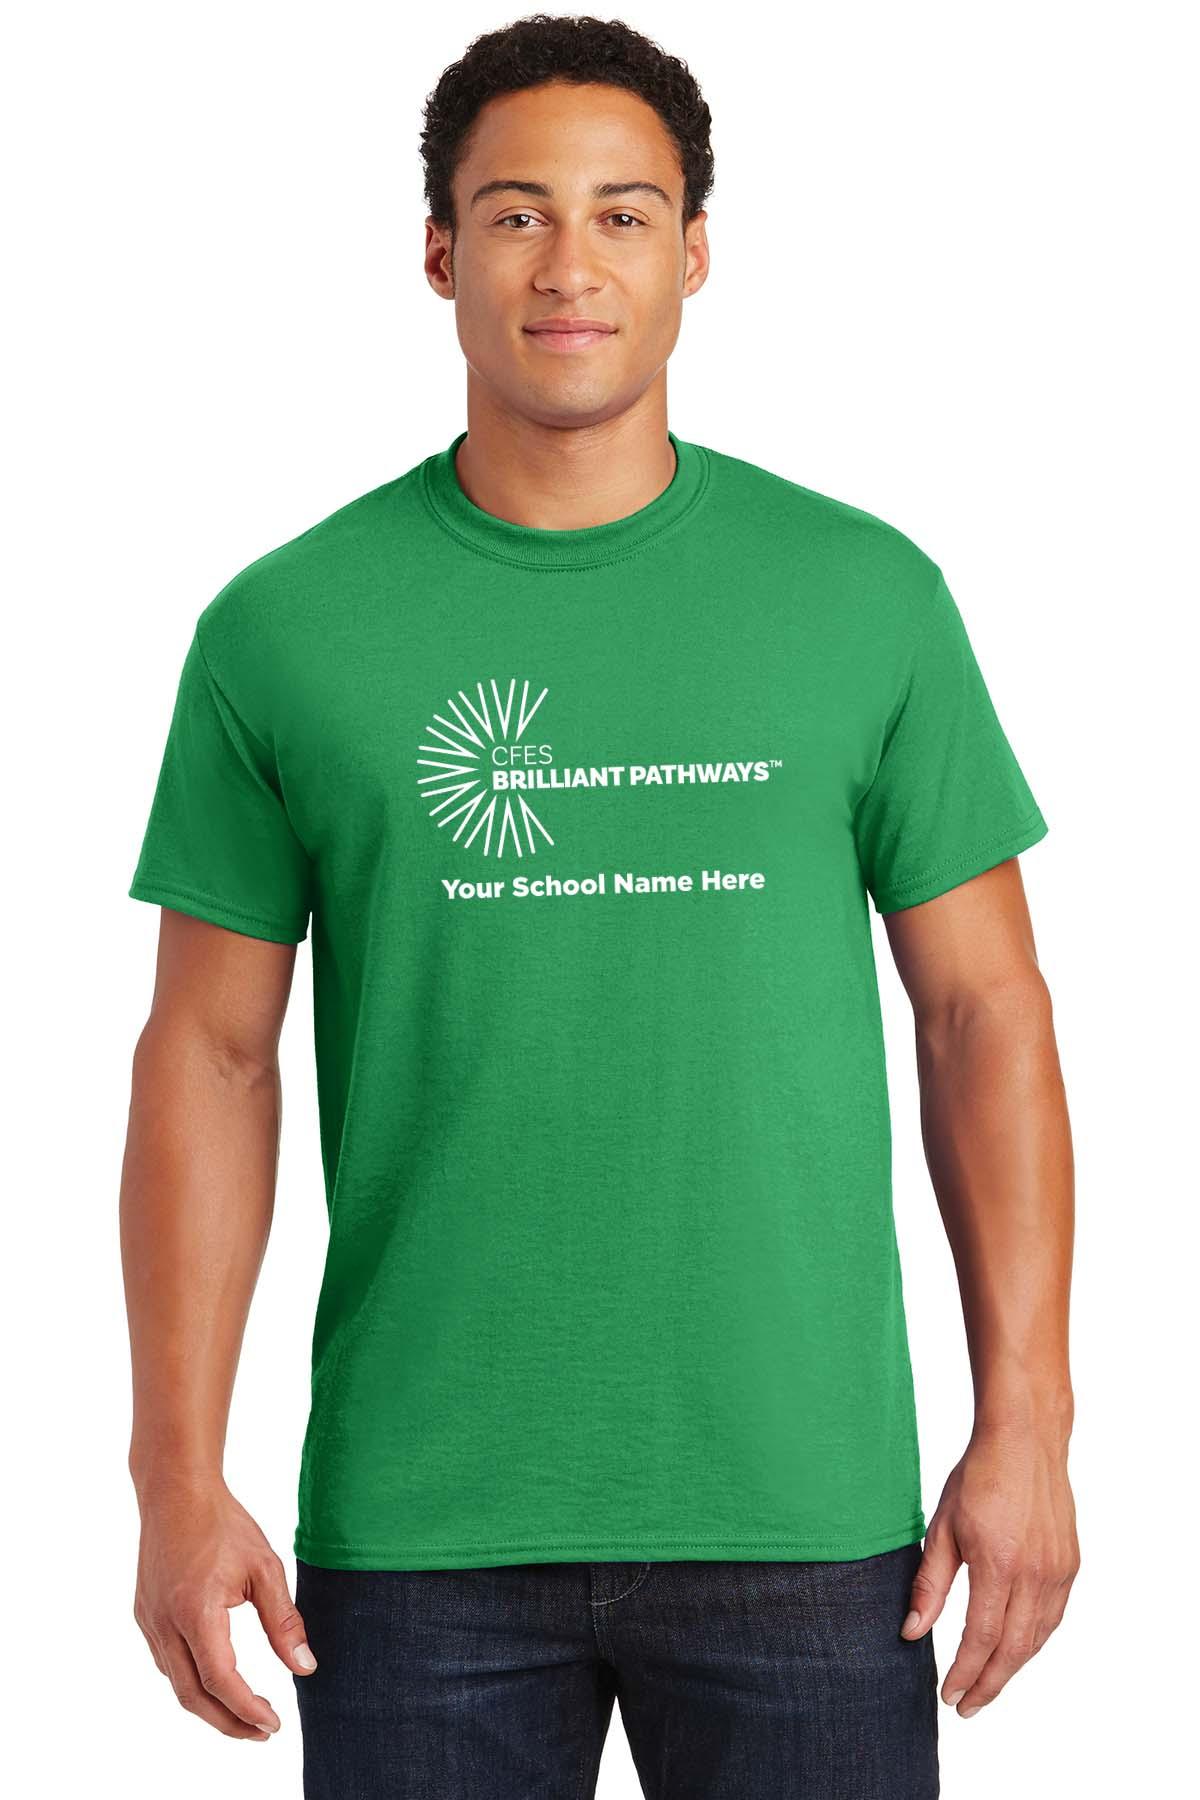 Unisex Wicking T-shirts